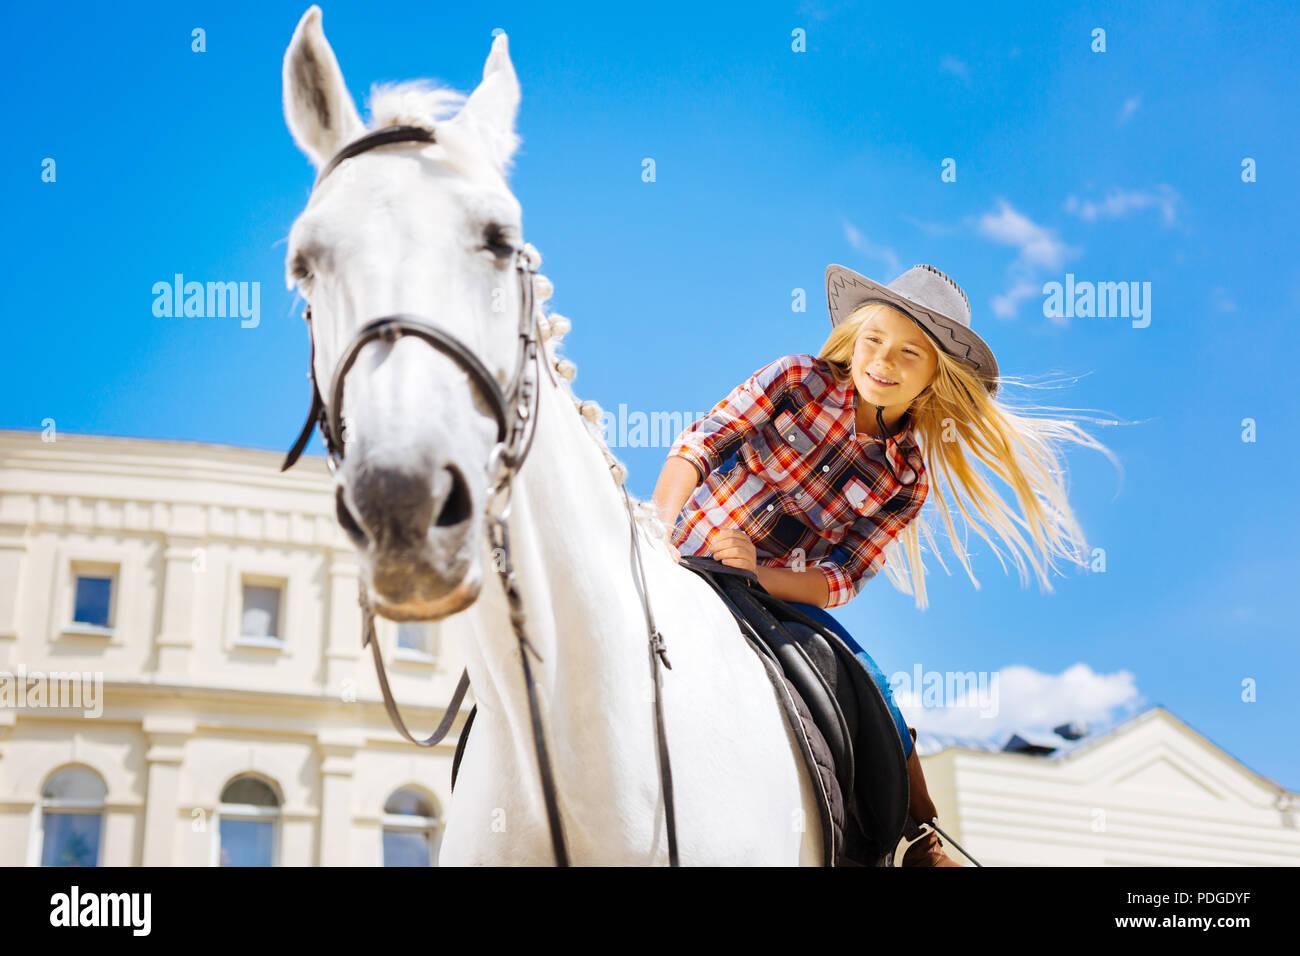 Transmission de lycéenne apprécie sa leçon d'équitation Photo Stock